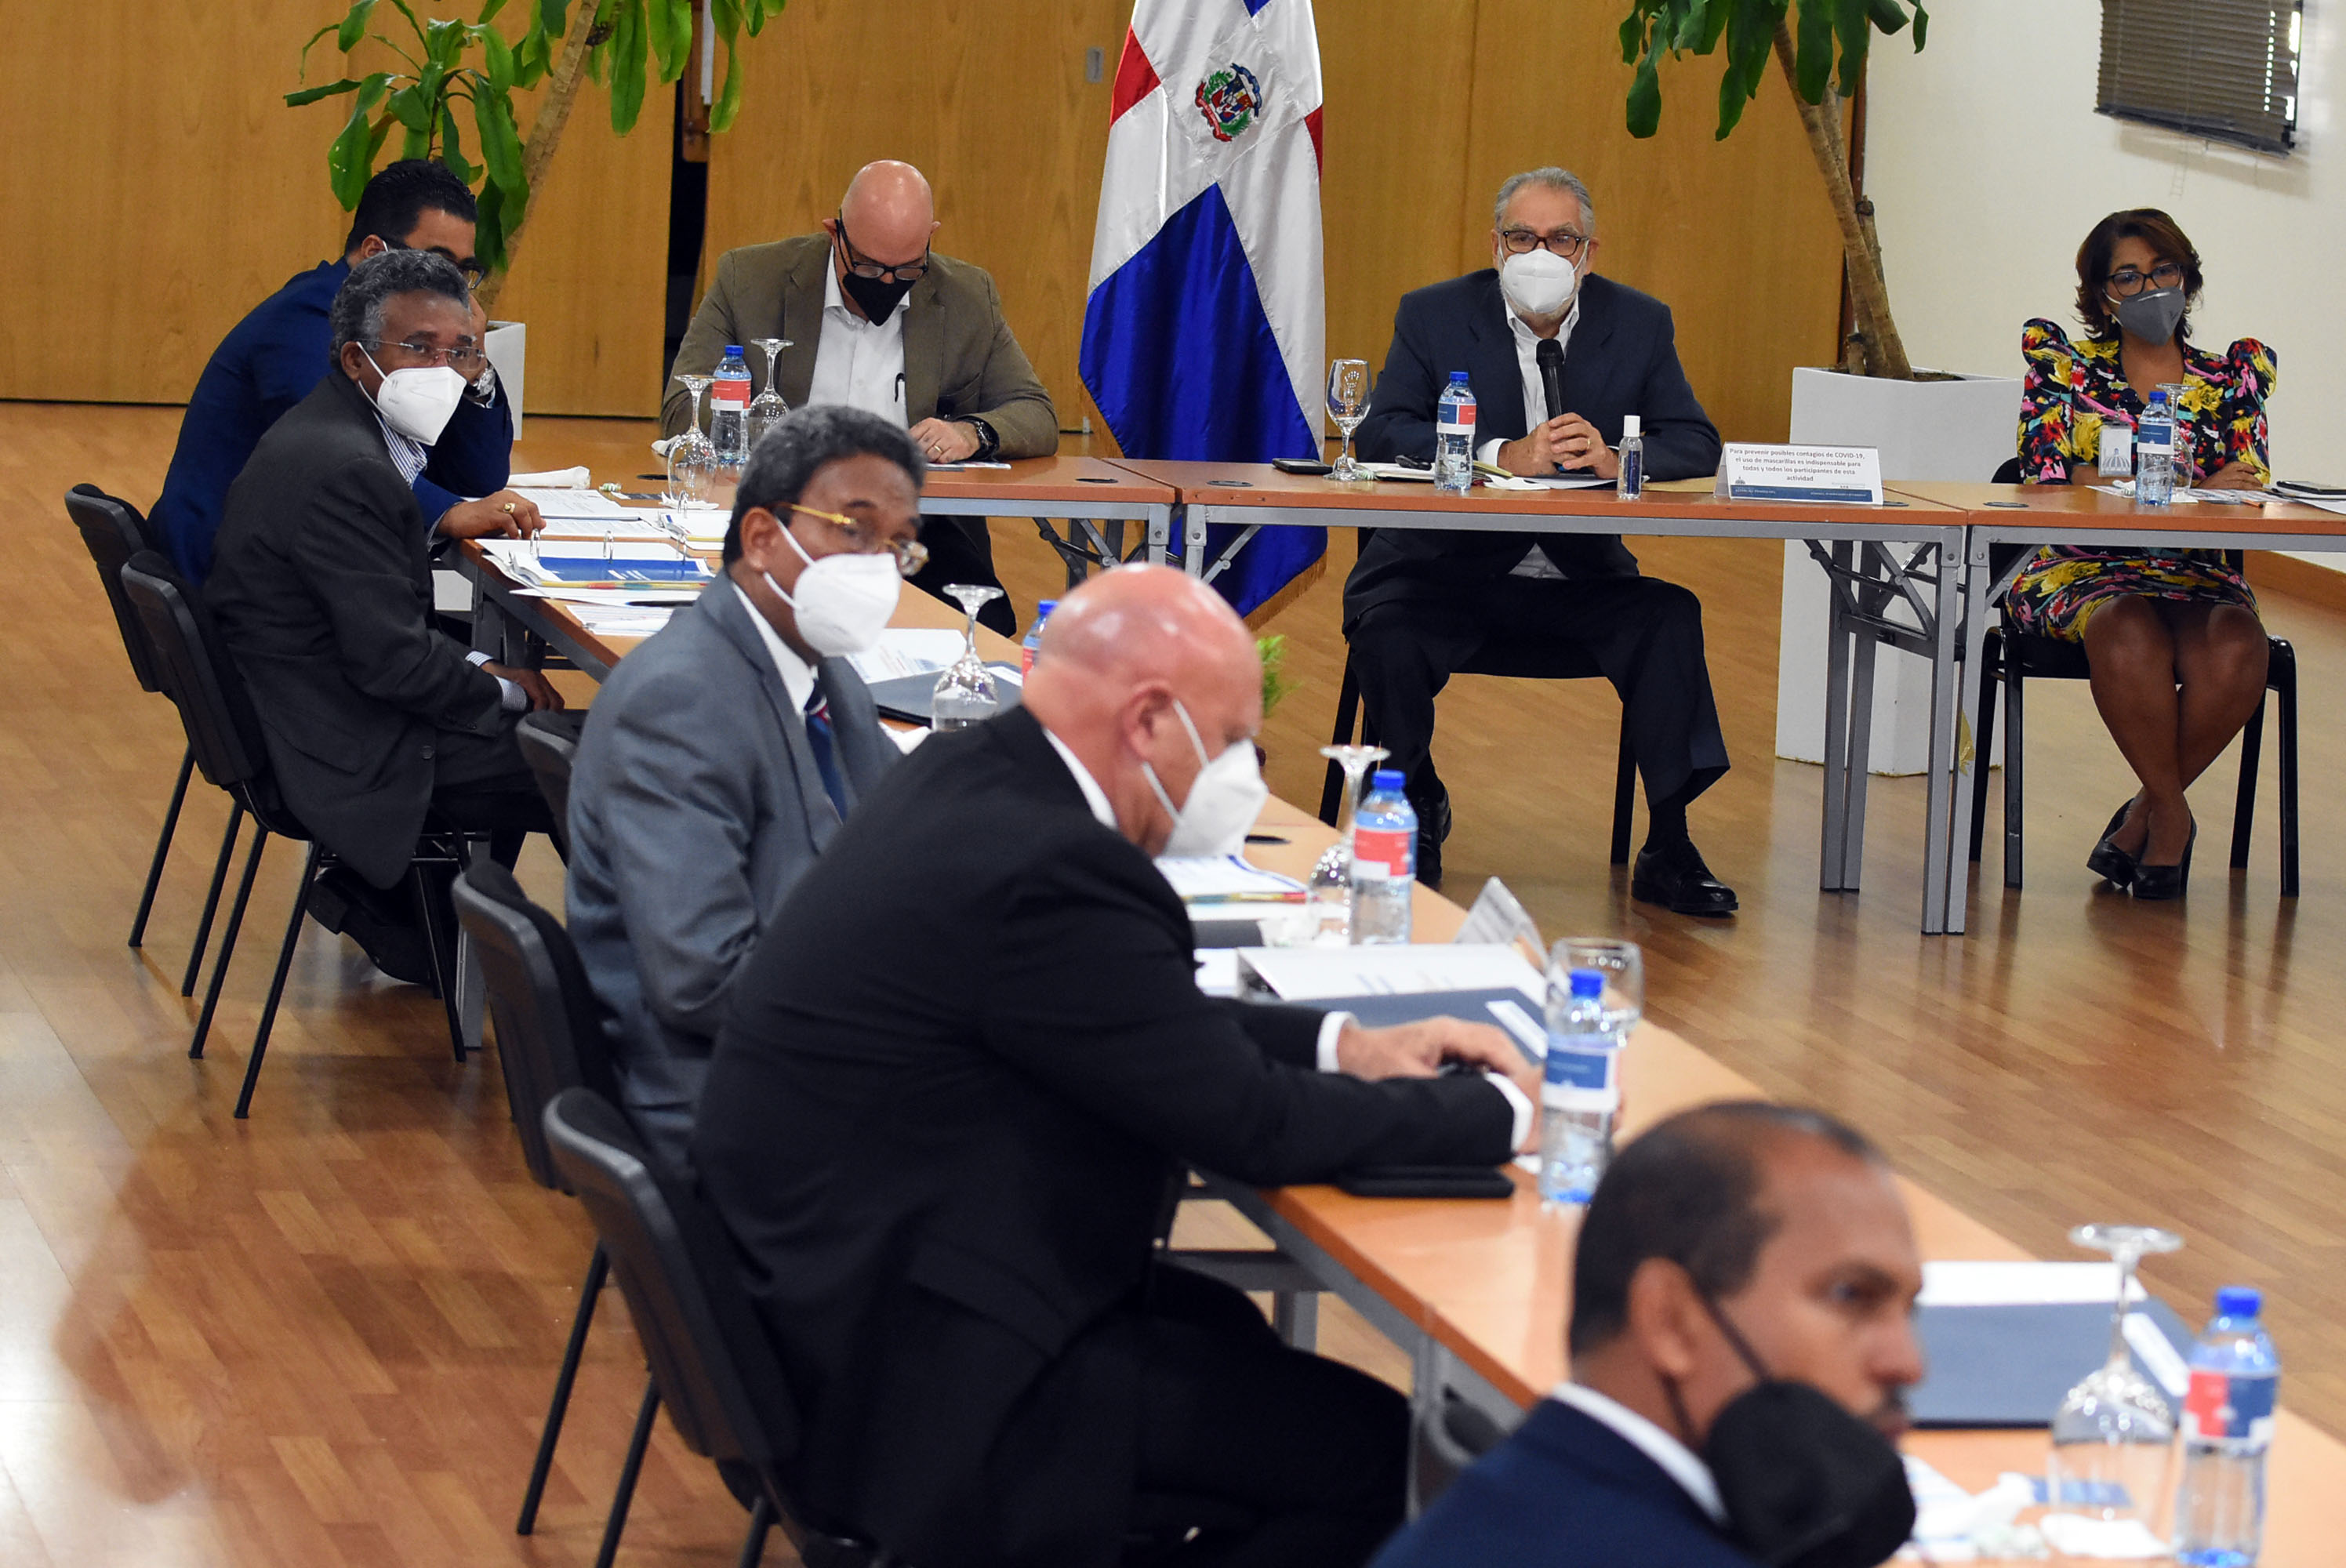 El ministro de Economía, Planificación y Desarrollo, Miguel Ceara Hatton, junto a los legisladores en el salón Carlos Ascuasiati de esta entidad.